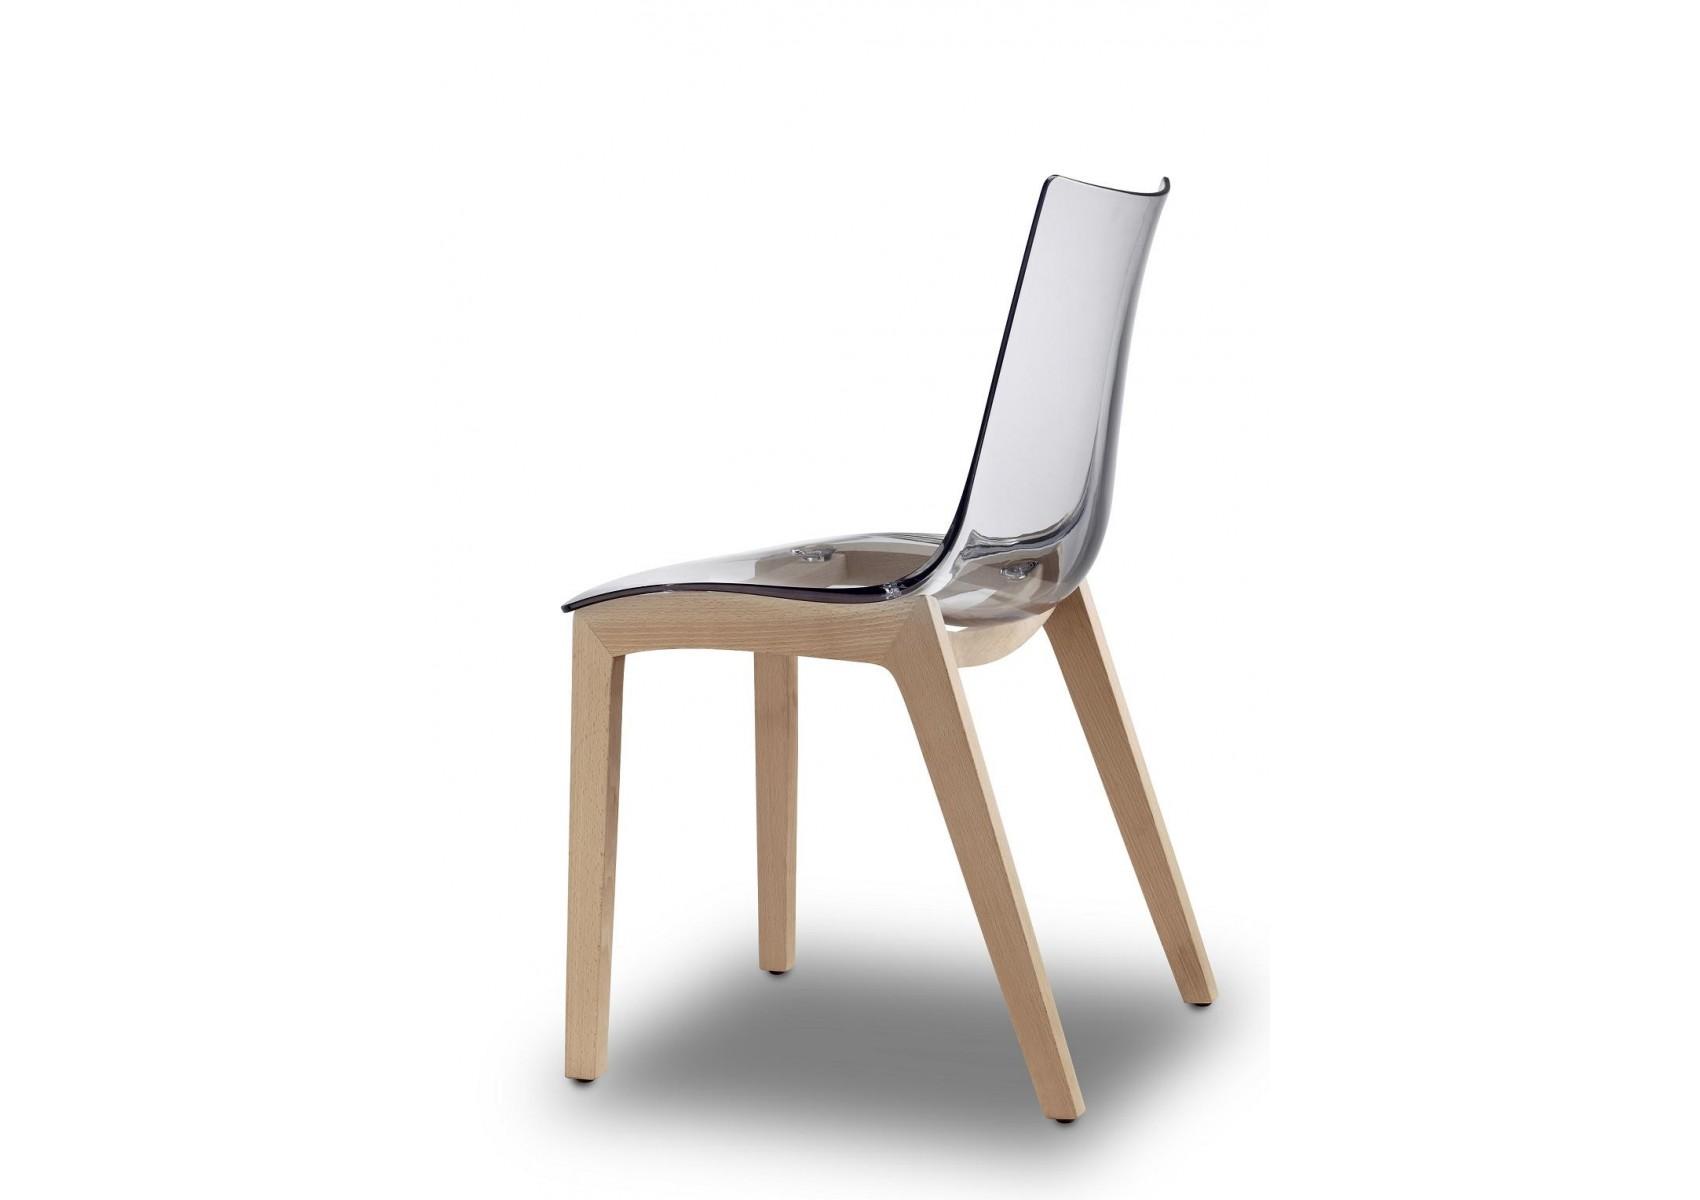 2x chaises transparentes design avec pieds bois natural zebra antishock transparent d co - Chaise transparente pied bois ...